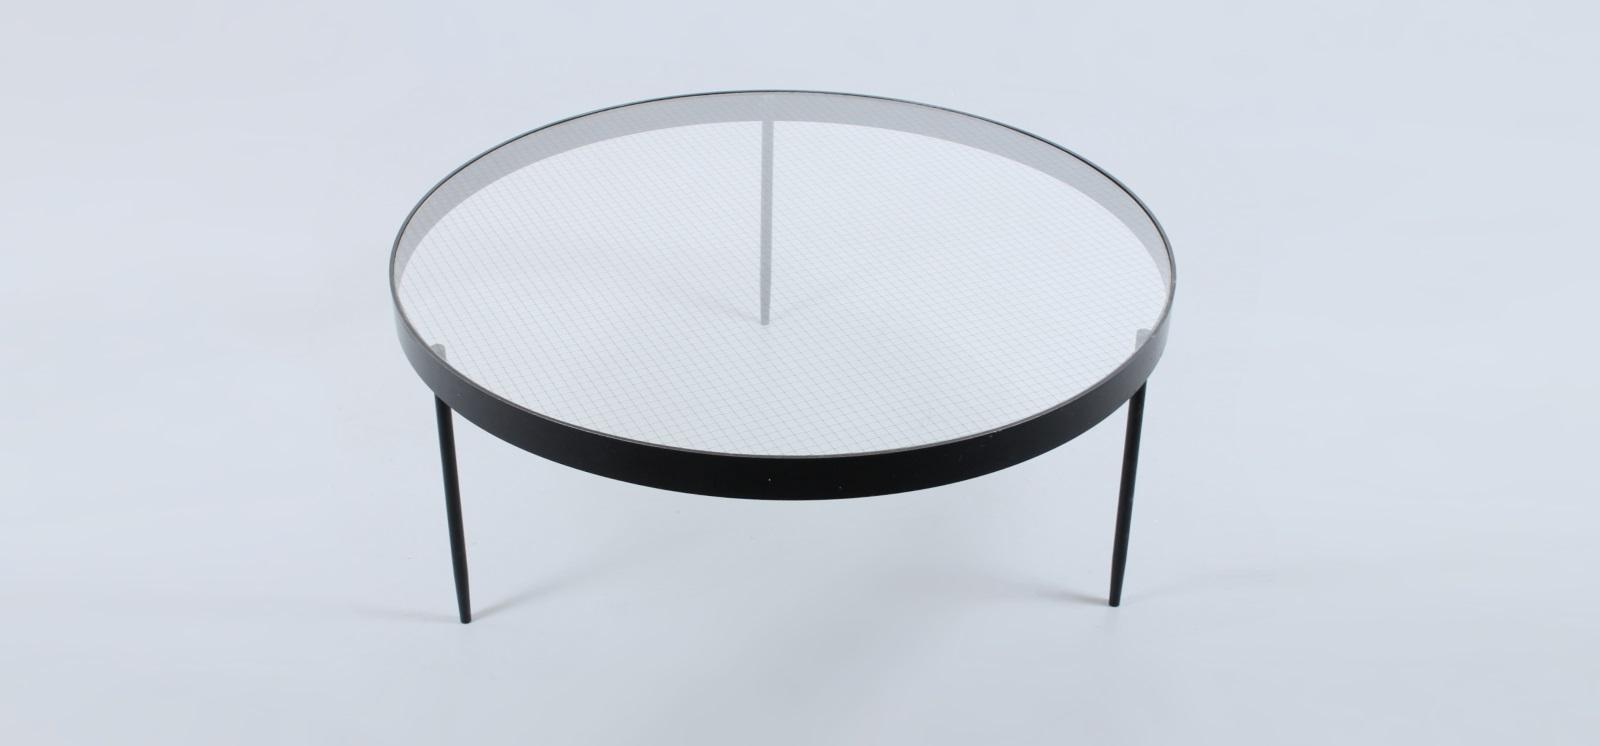 janni van pelt coffee table g 3